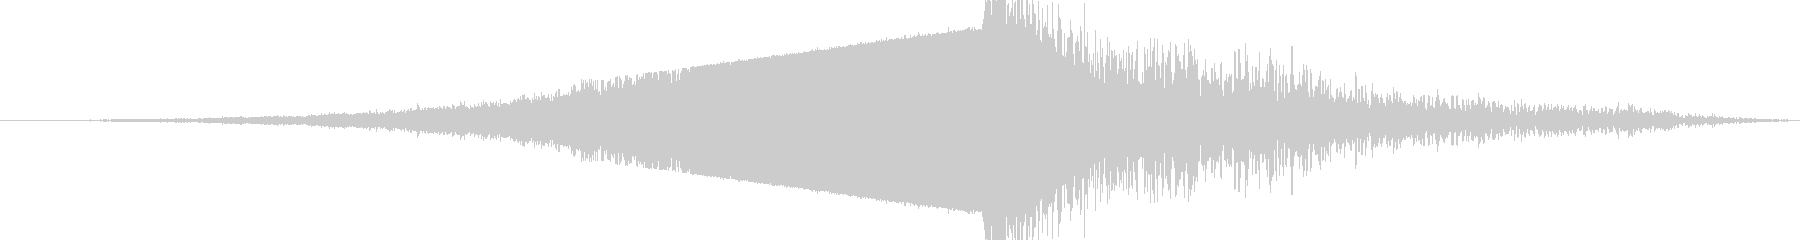 【映画】 シネマティック ライザー 10の未再生の波形